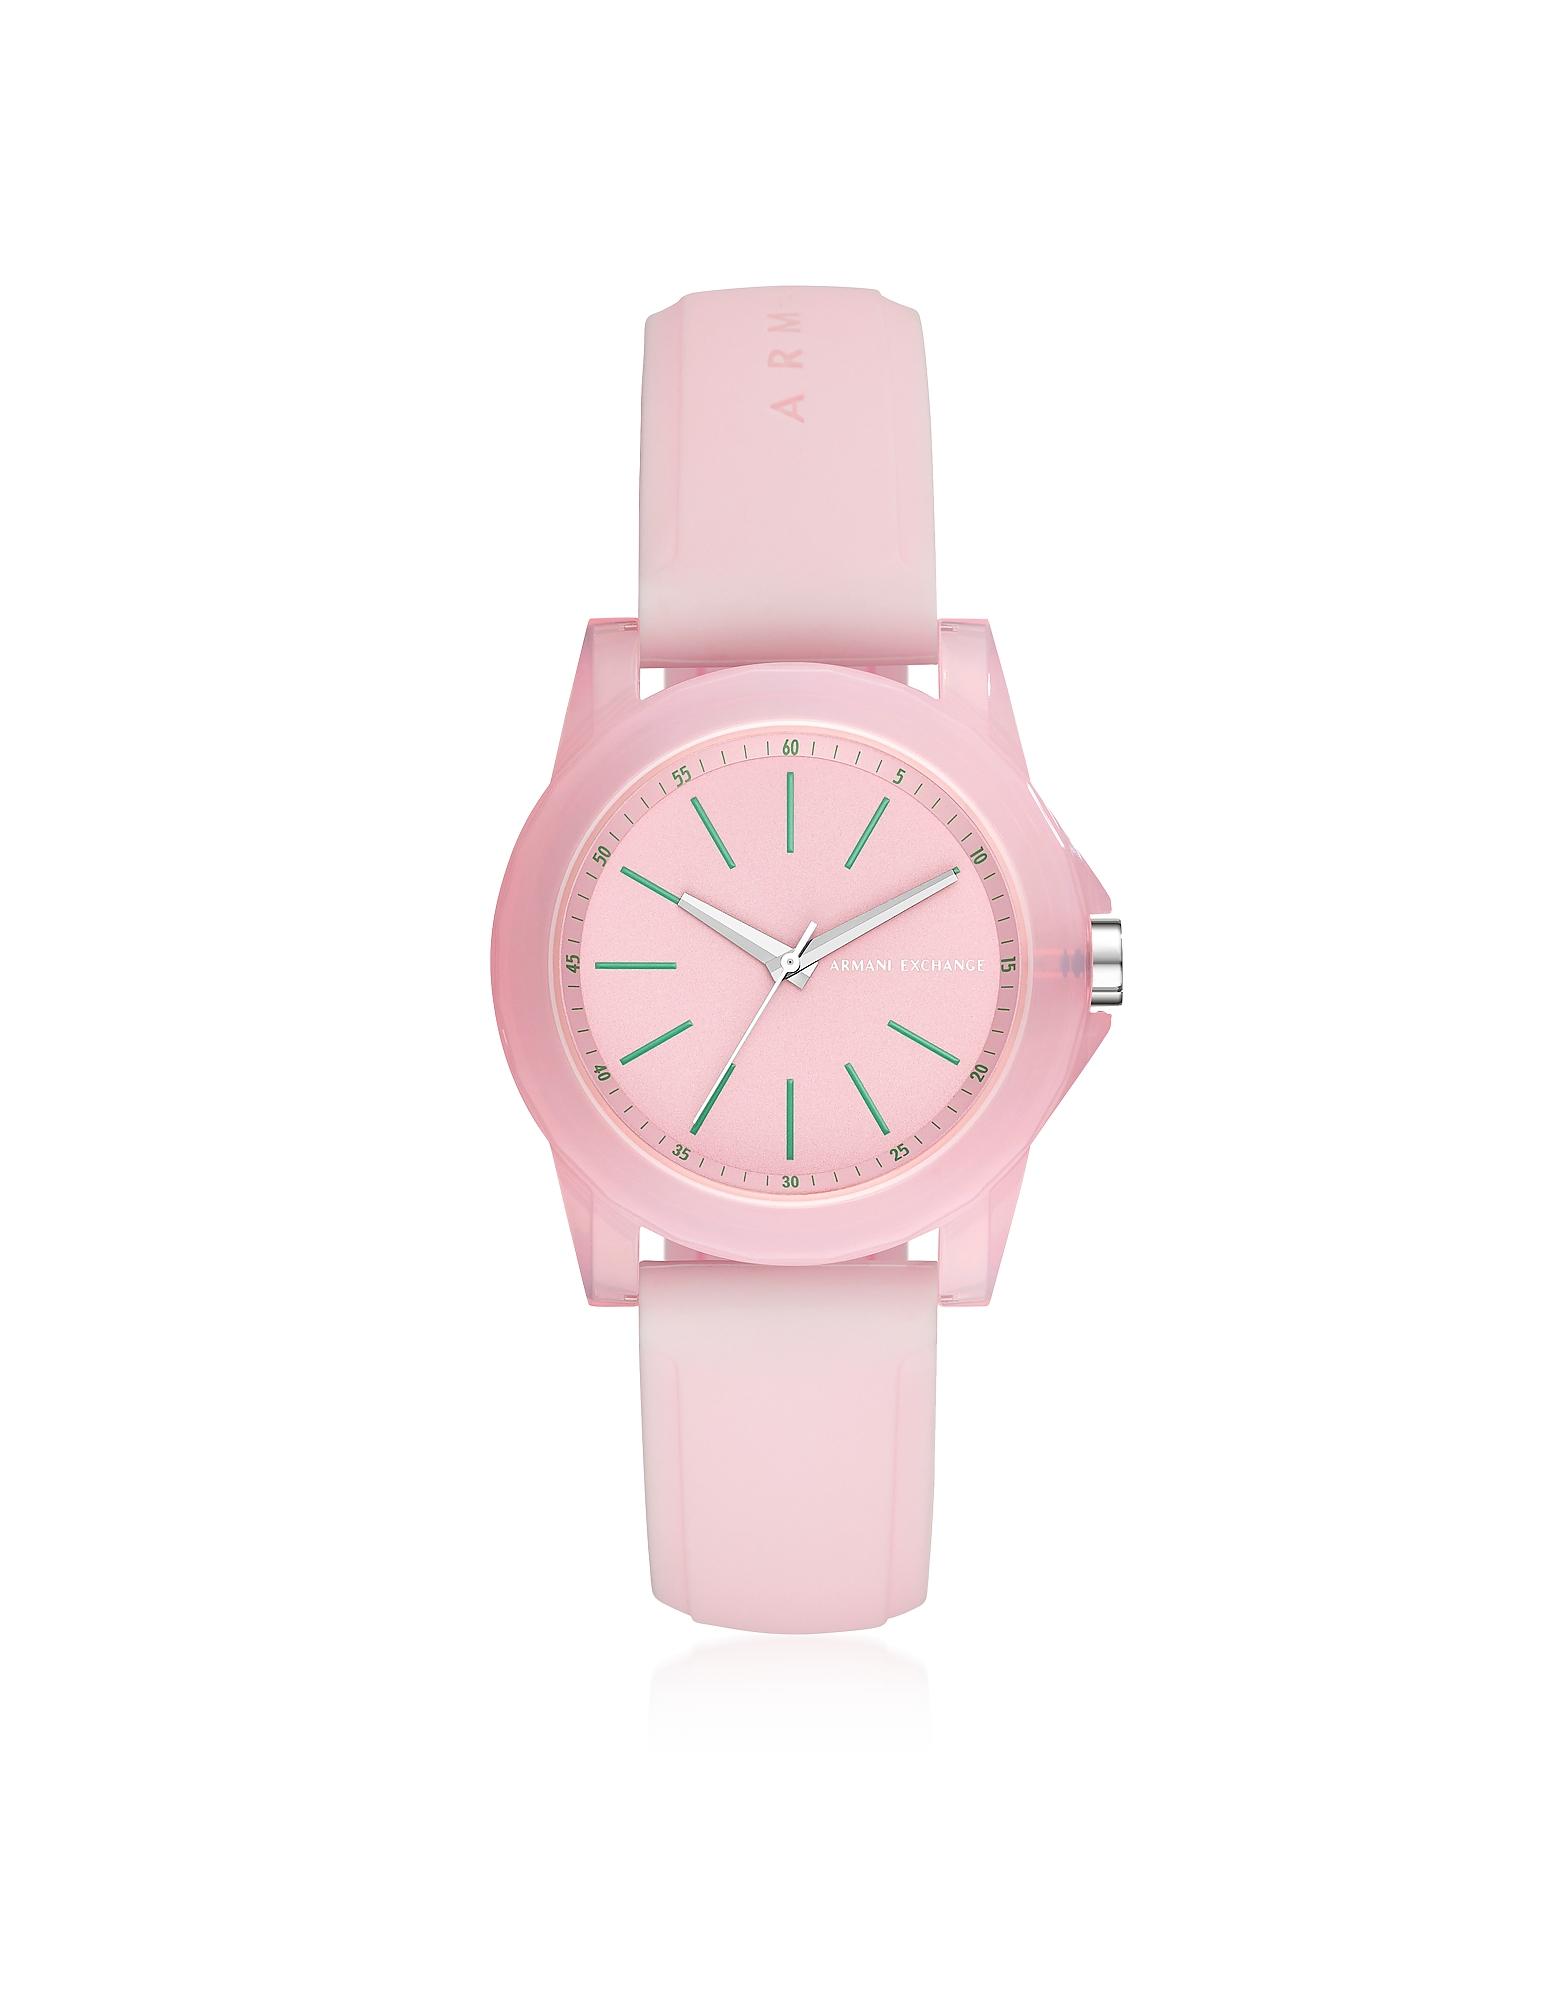 Розовые Женские Часы Lady Banks на Силиконовом Ремешке ARMANI EXCHANGE